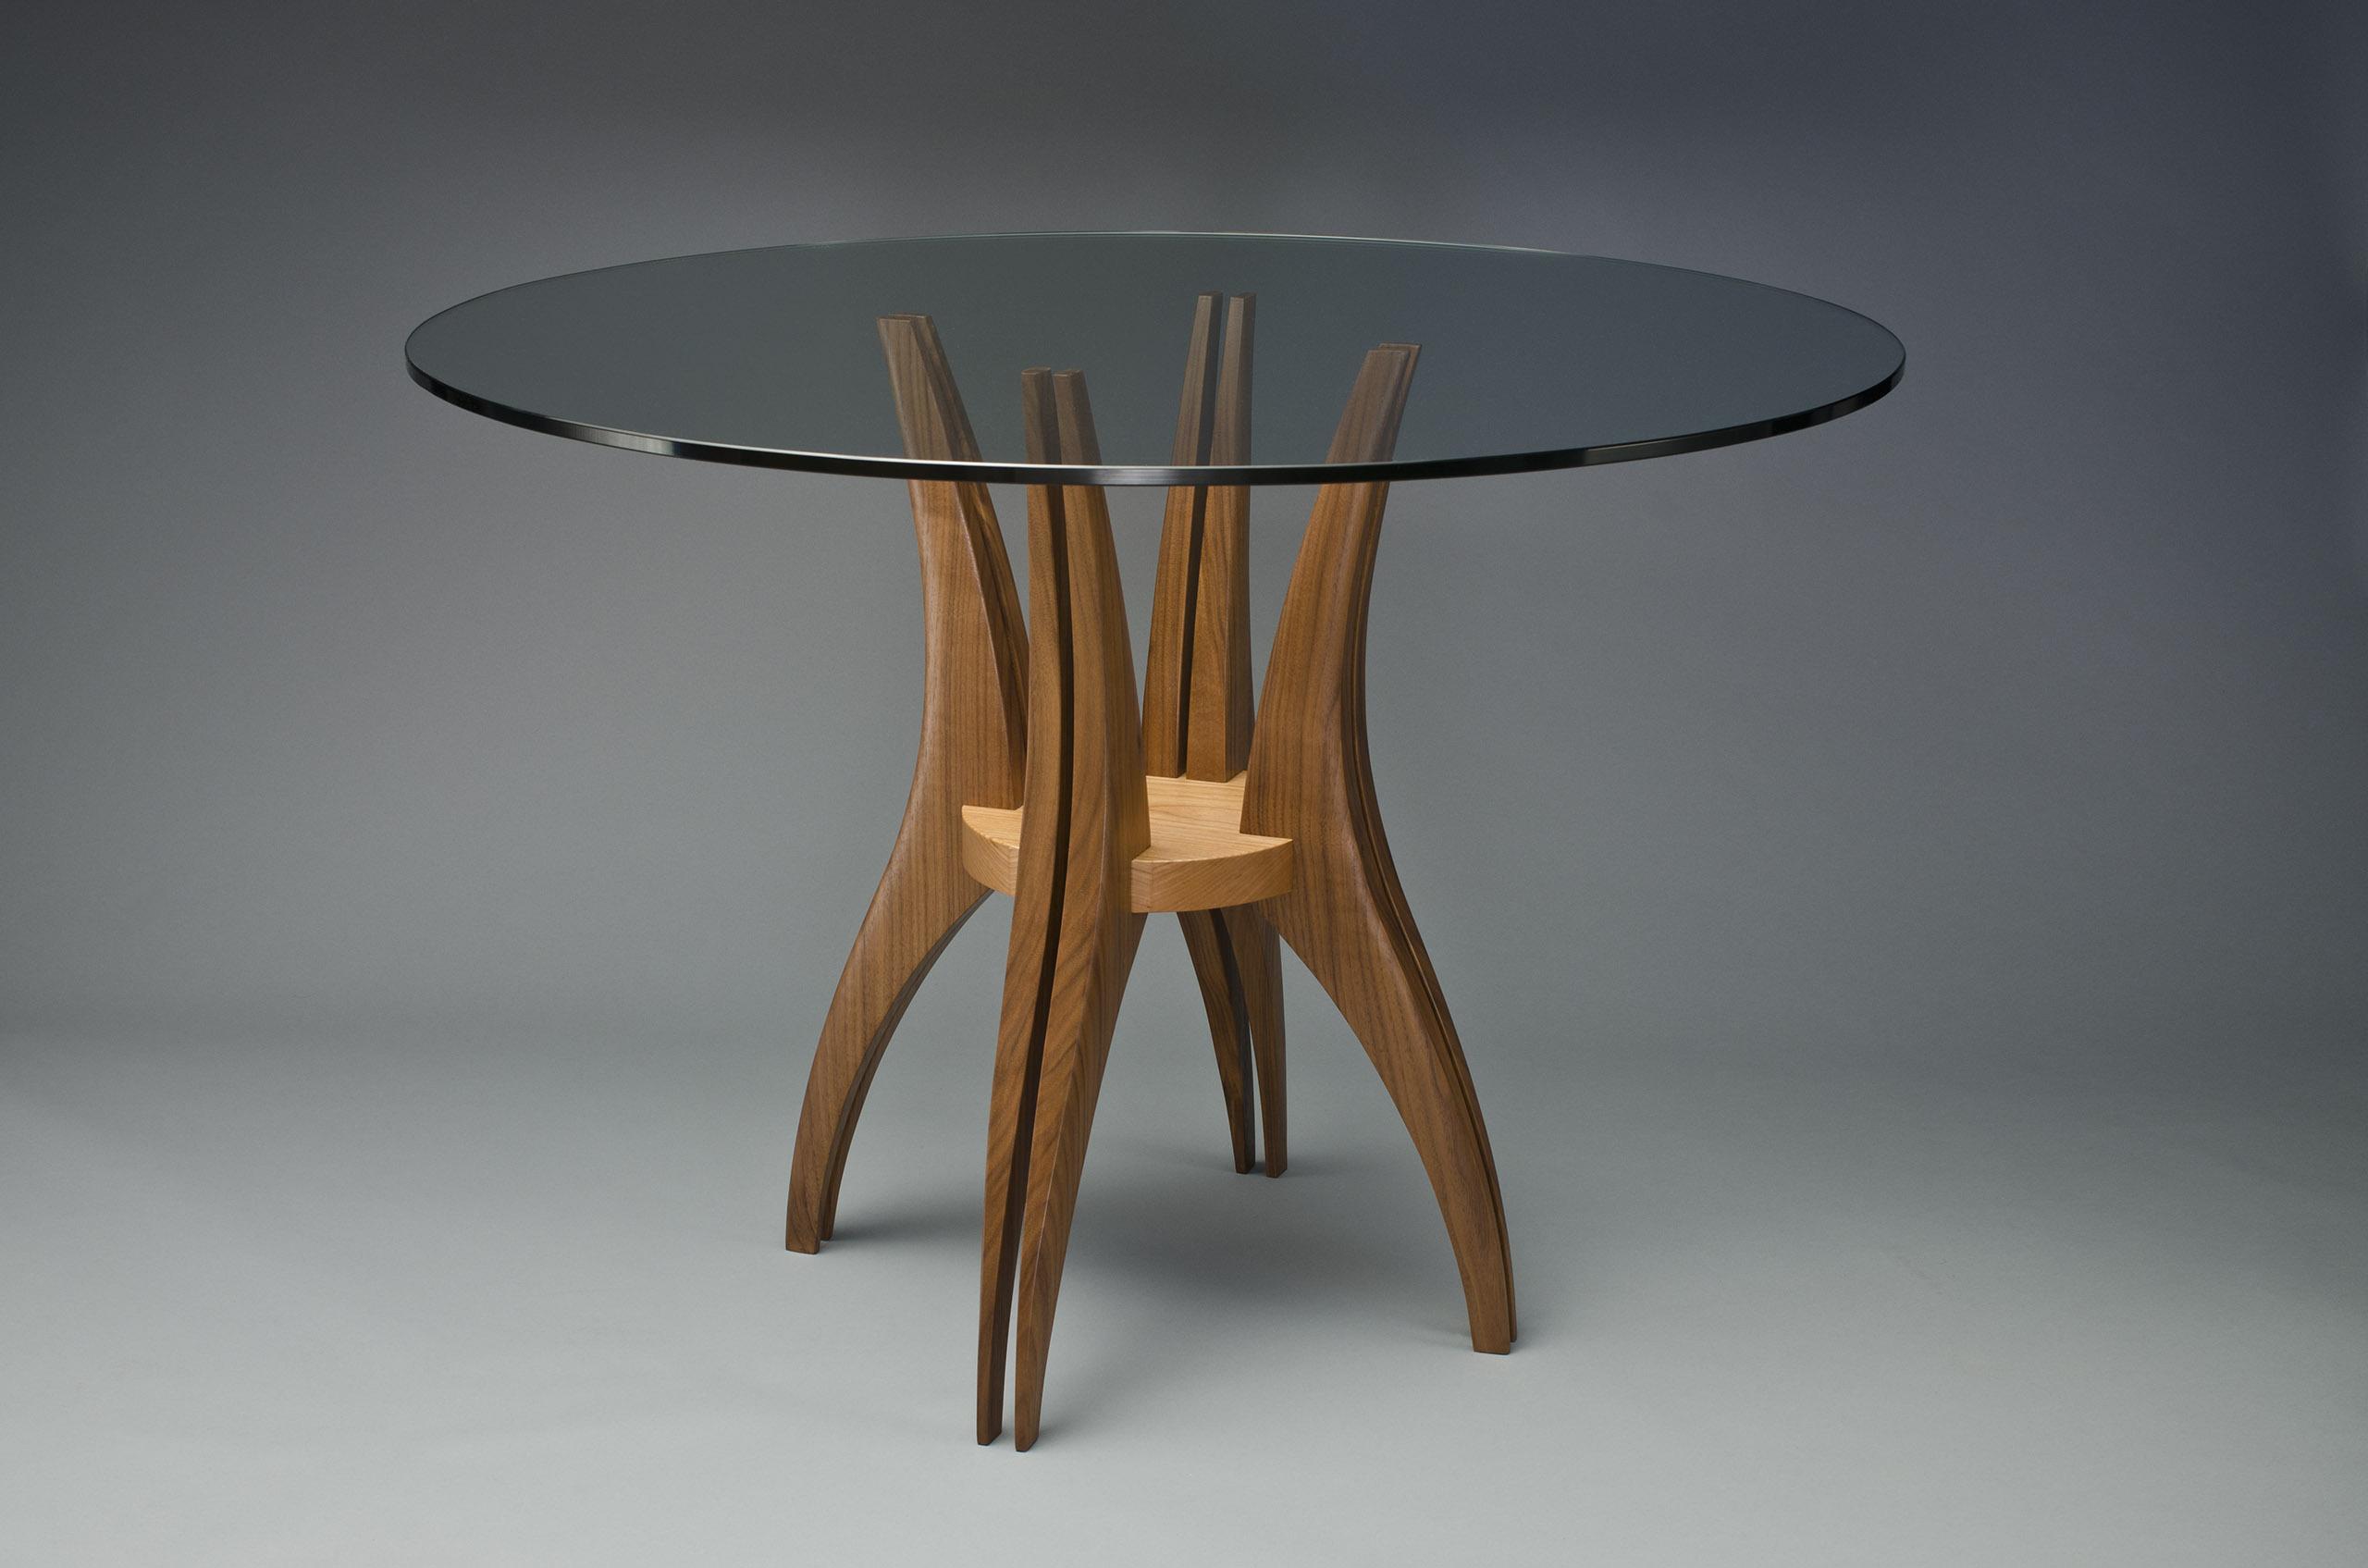 gazelle cafe table hardwood glass dining room table. Black Bedroom Furniture Sets. Home Design Ideas